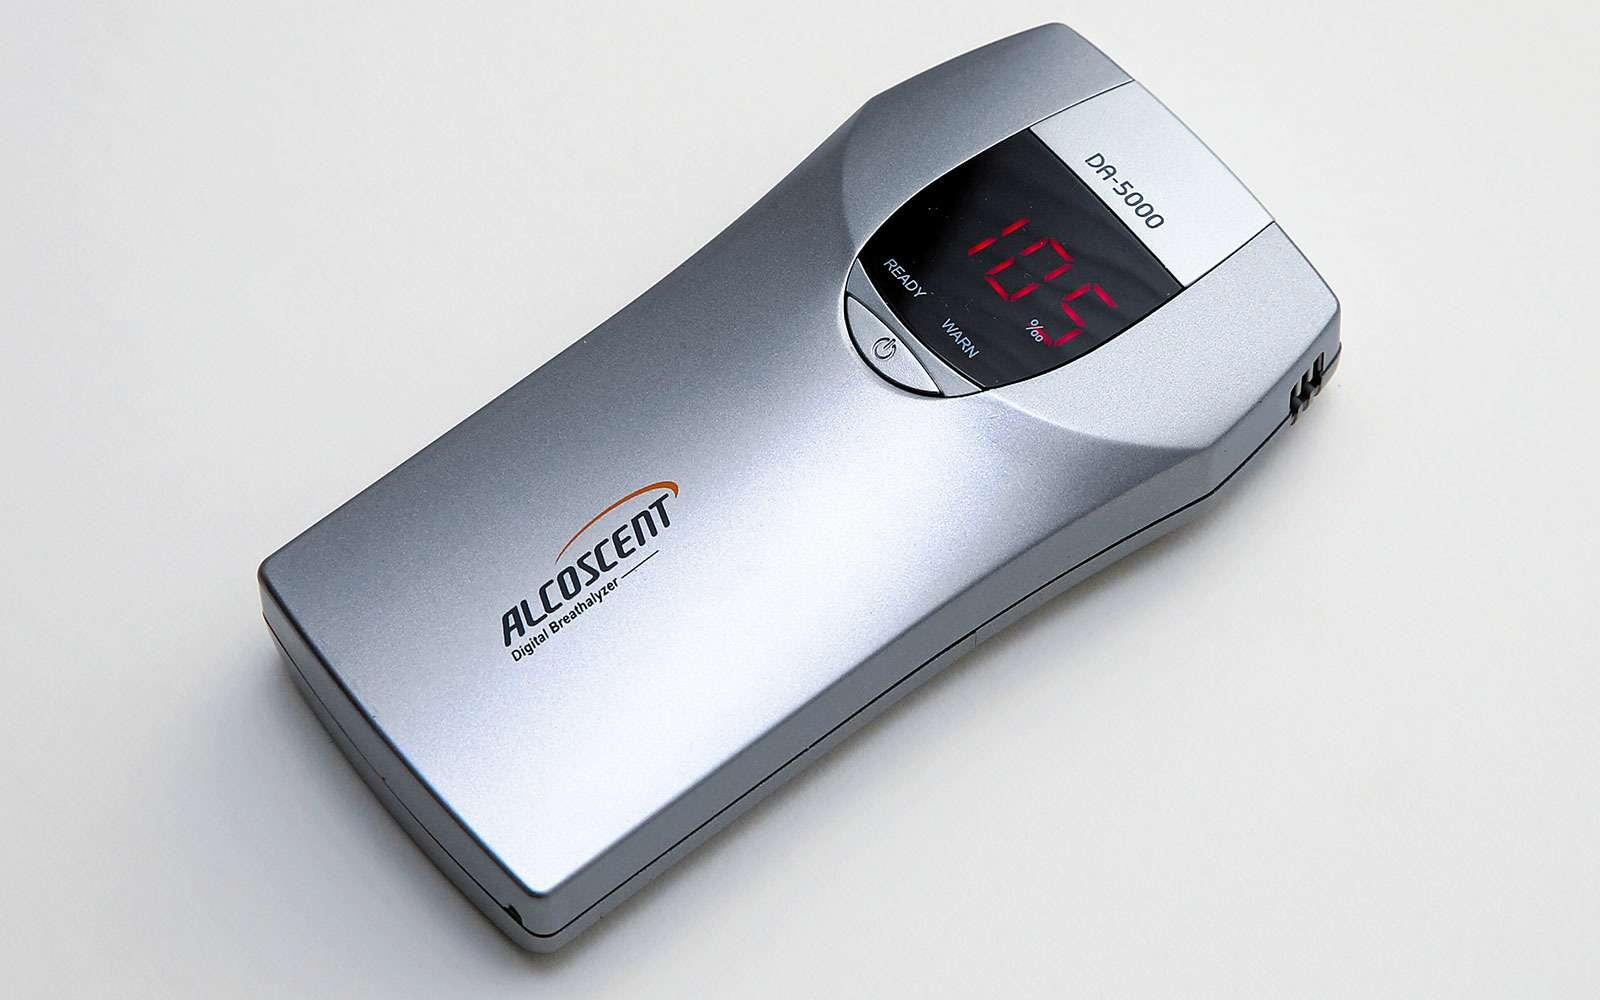 Экспертиза алкометров иалкотестеров: втрубочку дует... робот— фото 622841